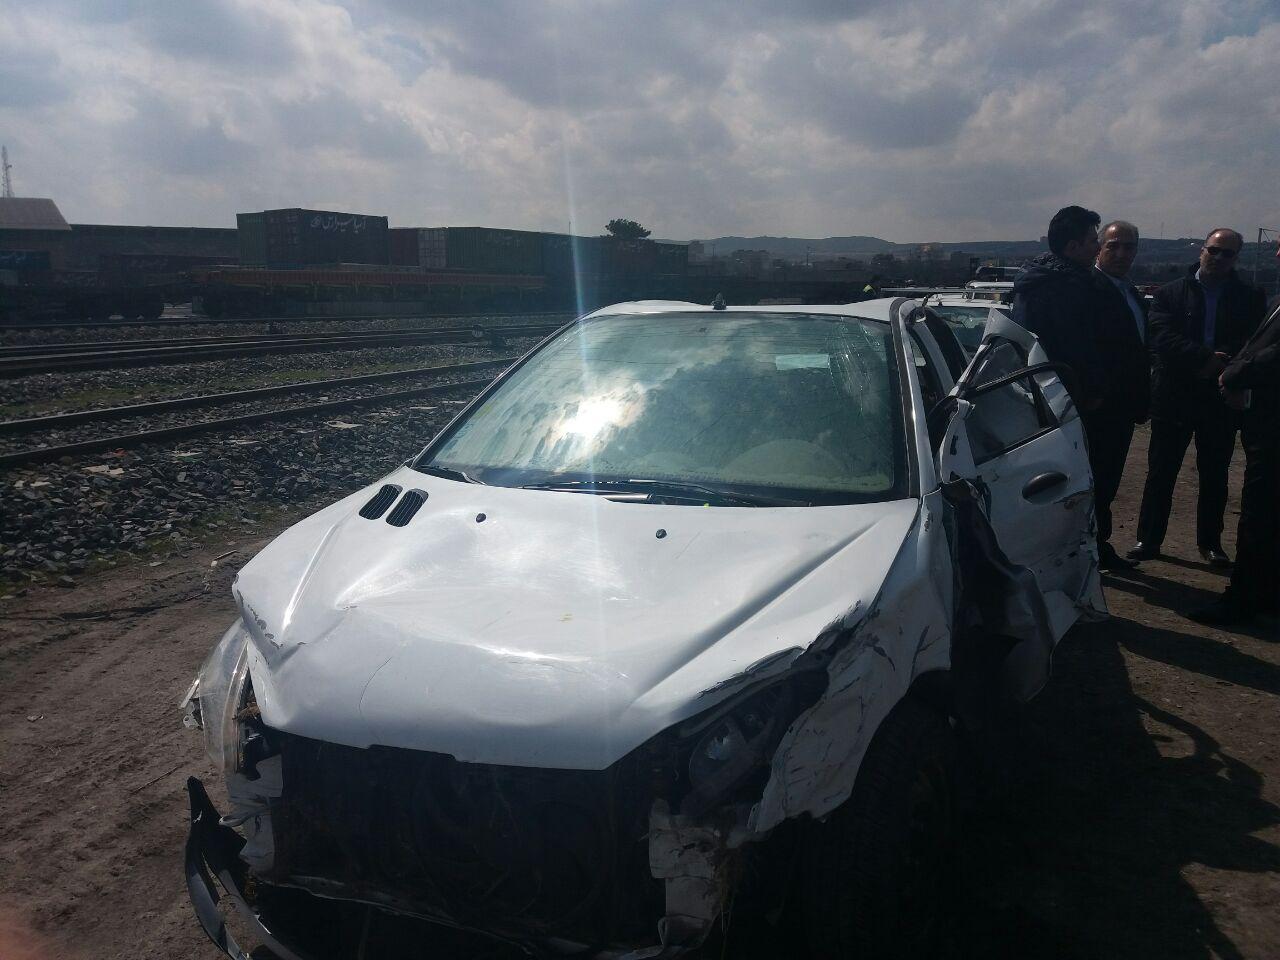 تحویل خودروهای آسیب دیده هم استانی ها در سیل